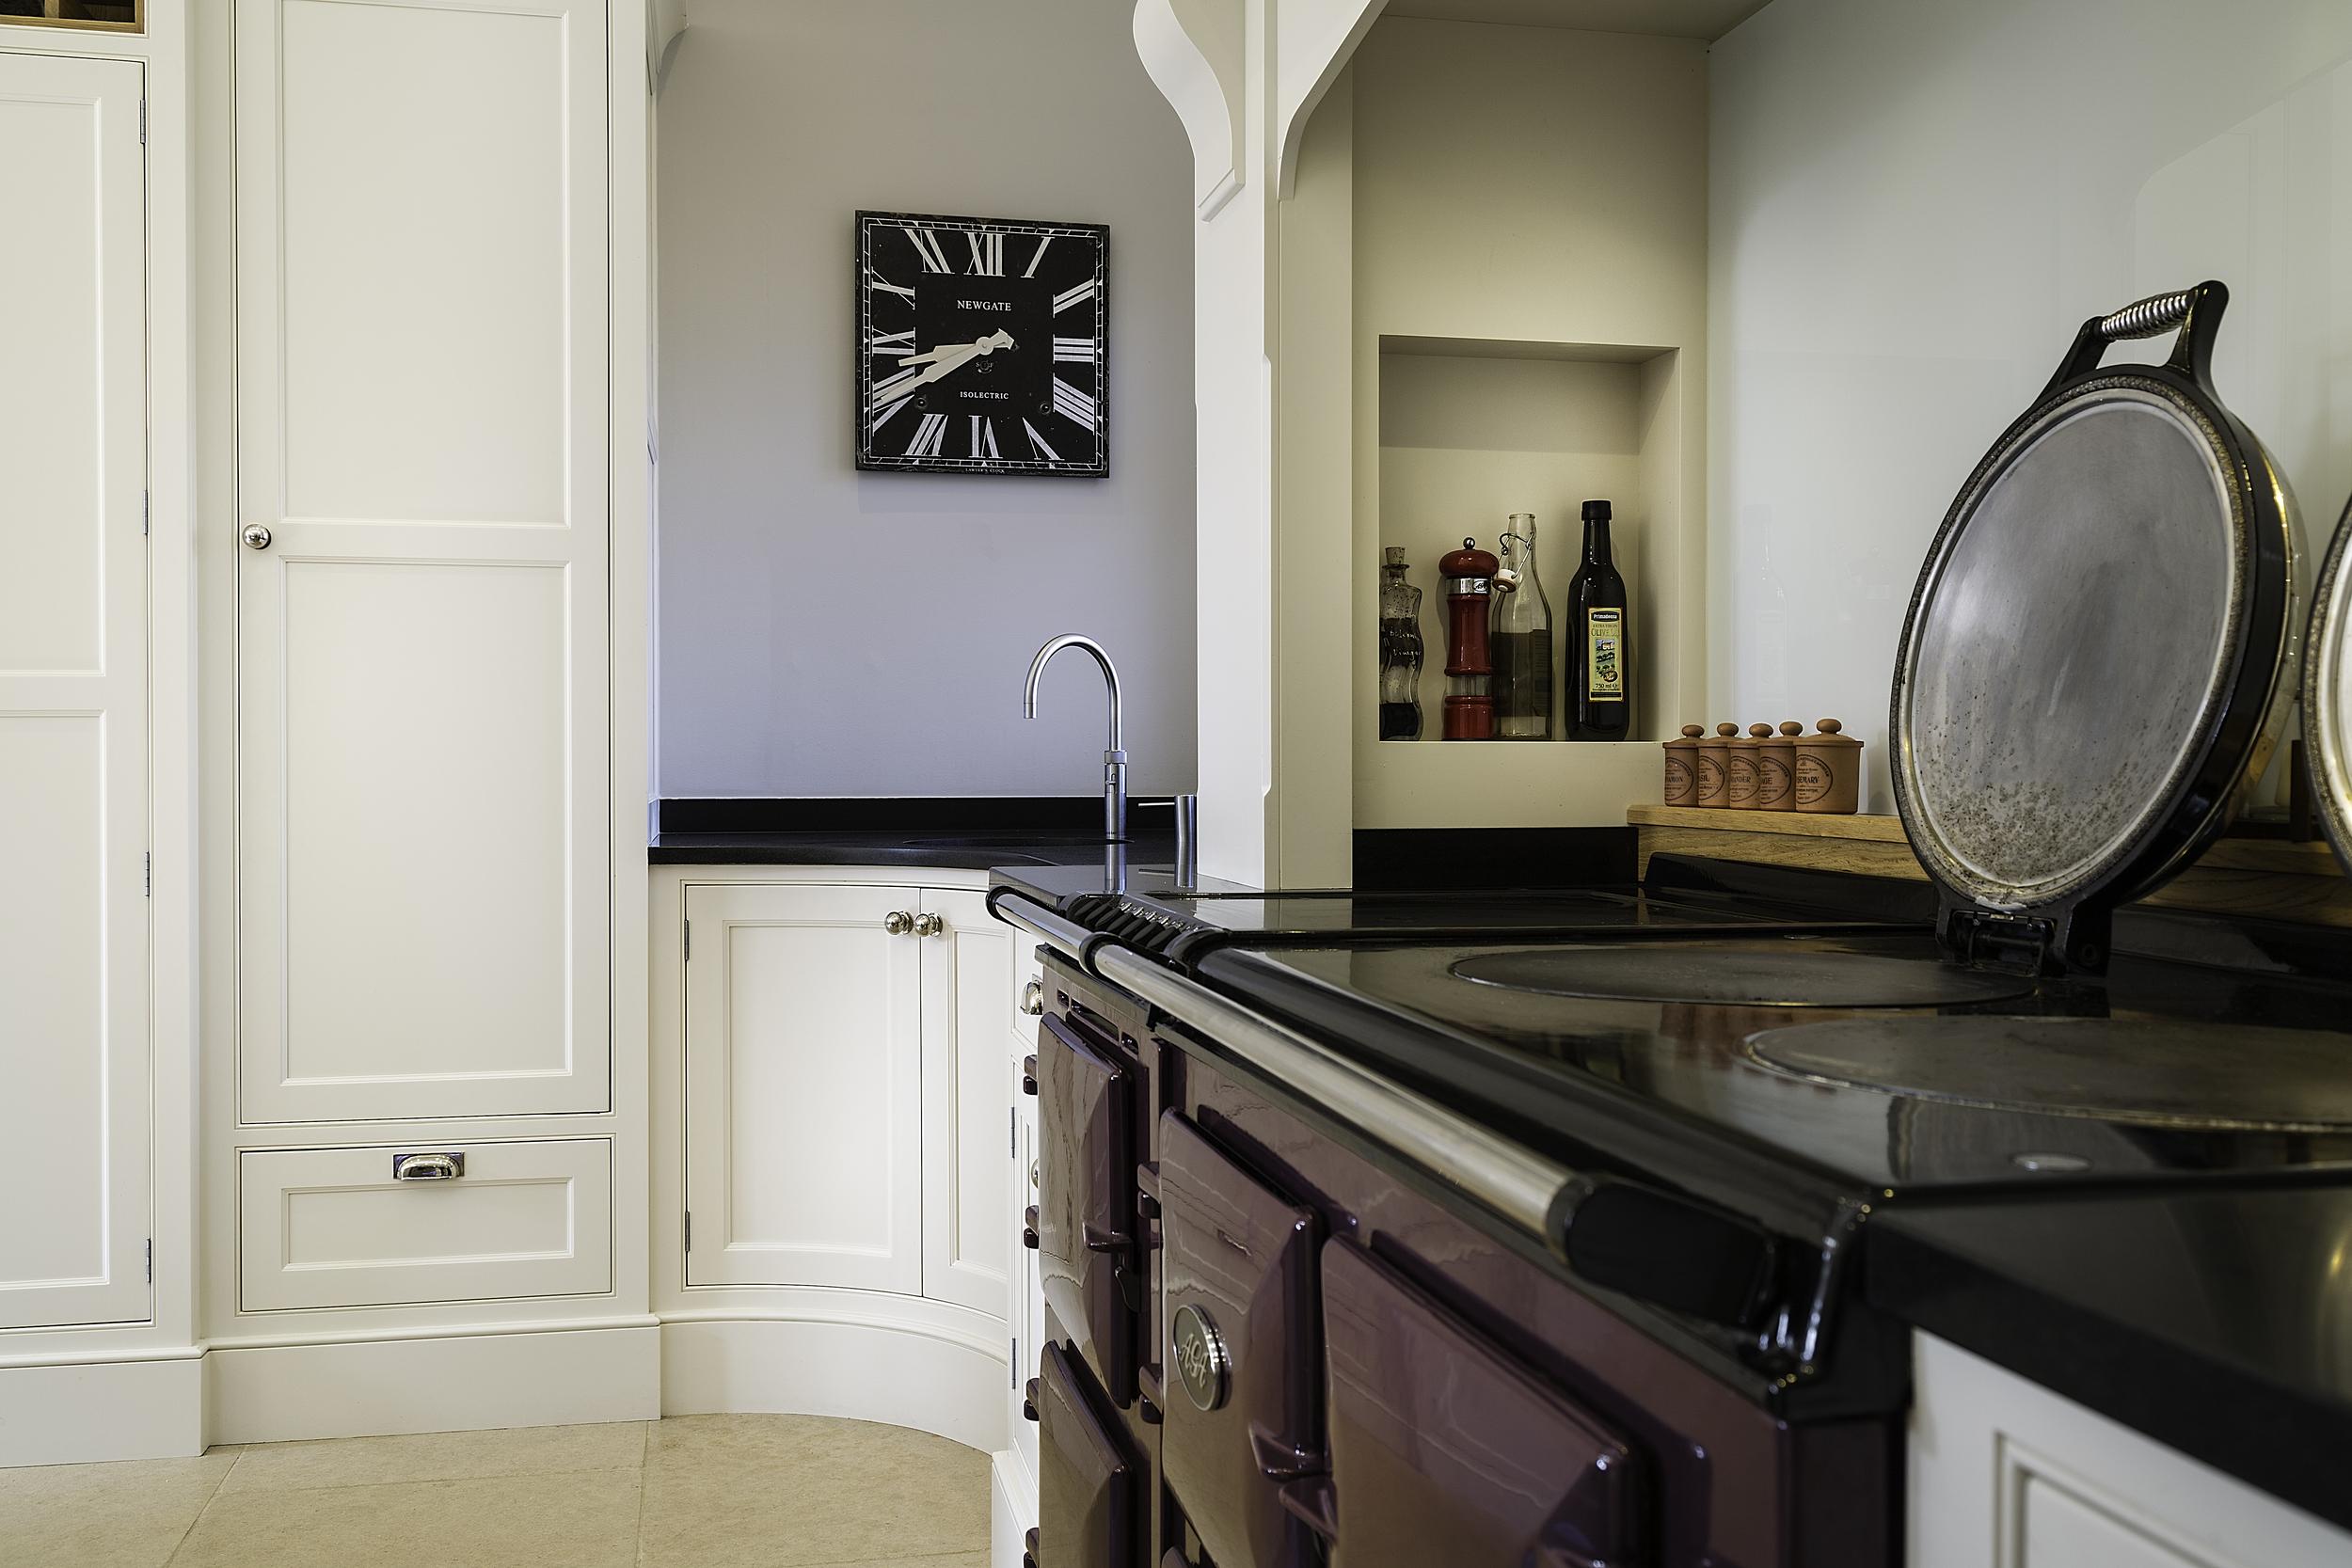 Brownlow Furniture Kitchen Range